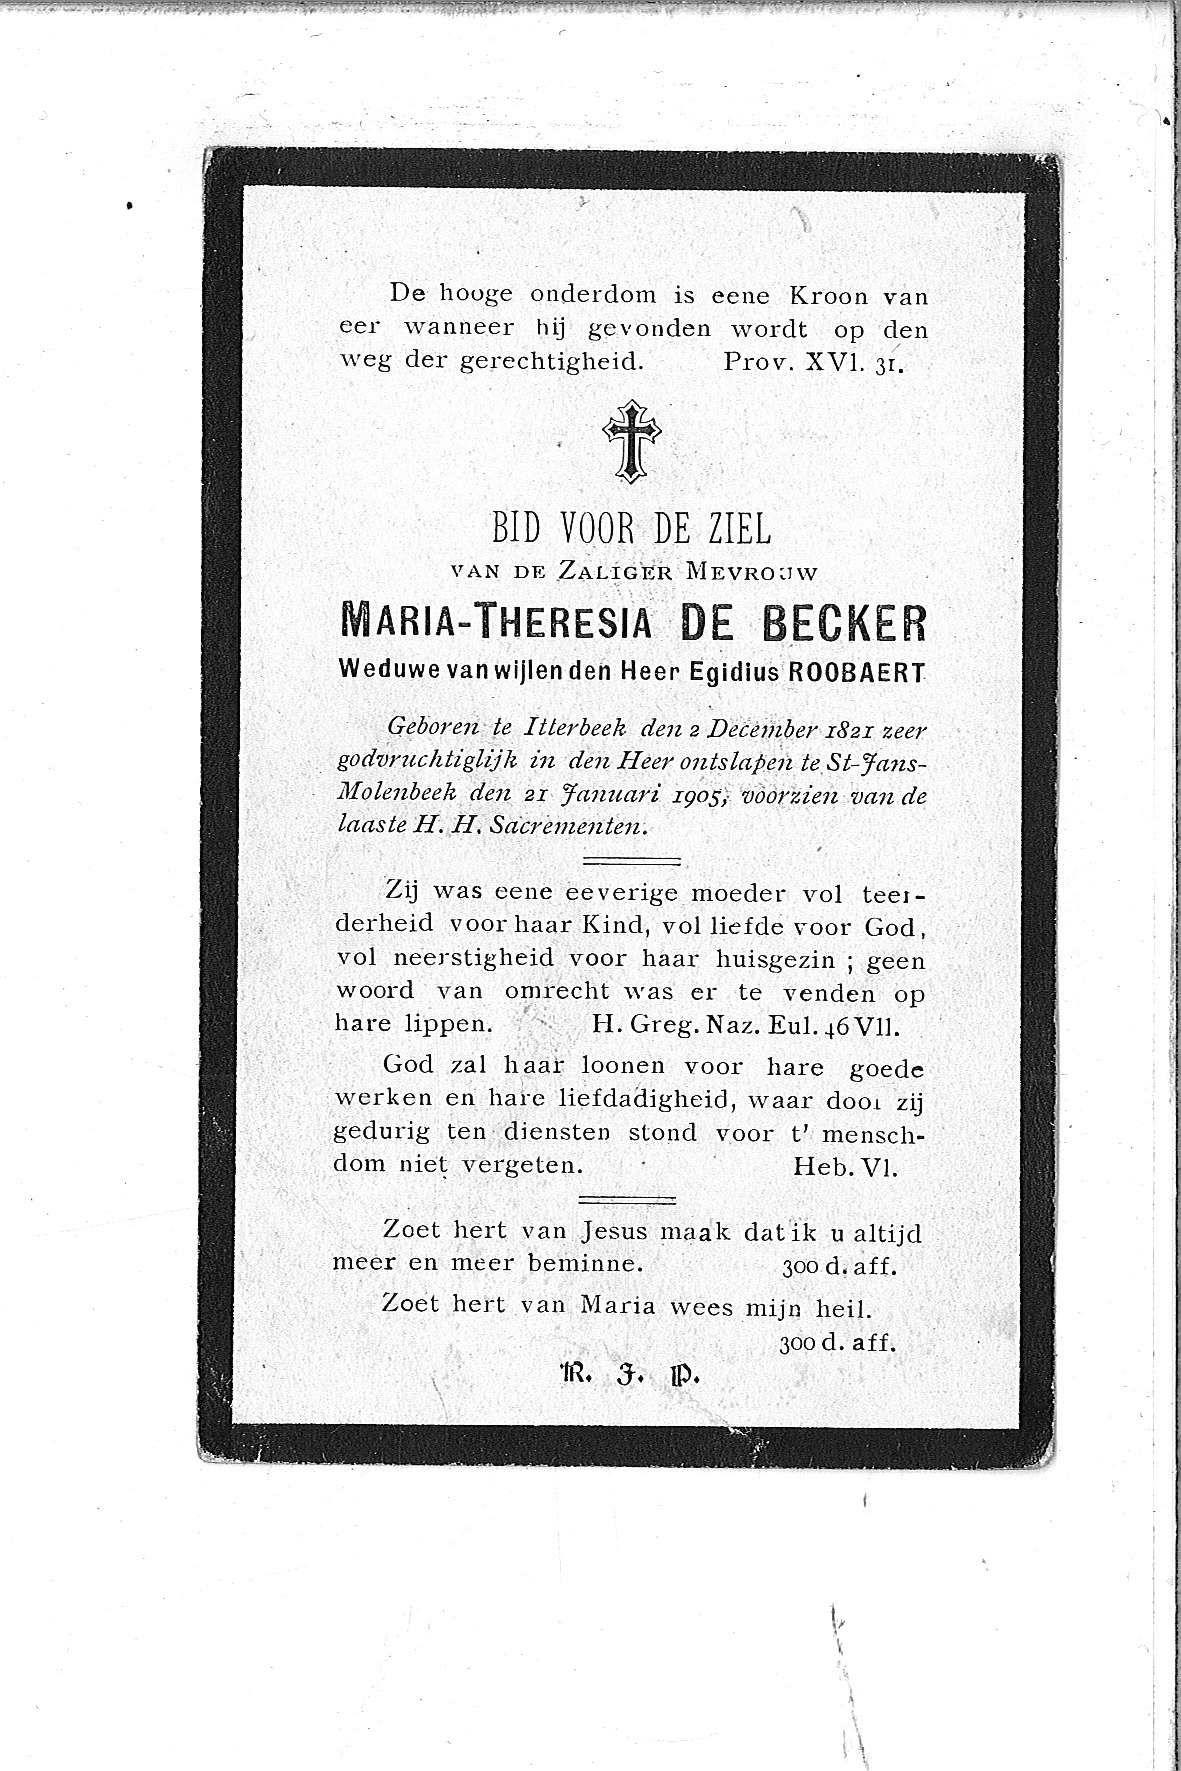 Maria-Theresia(1905)20140328144018_00100.jpg